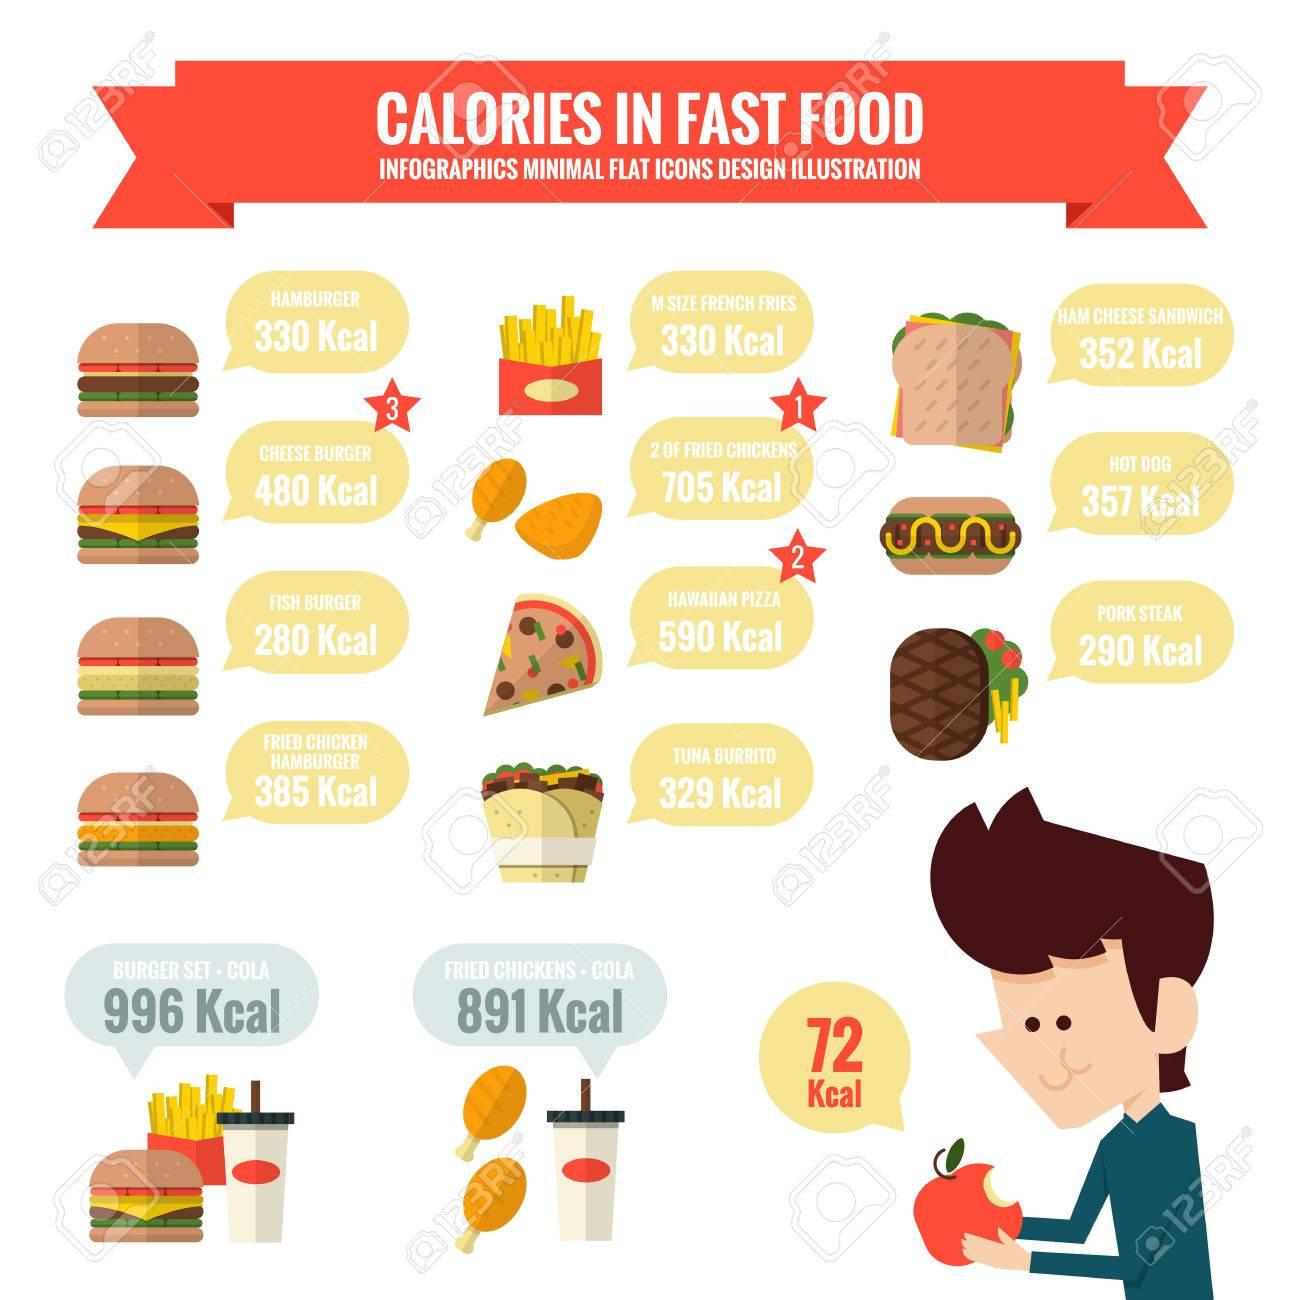 Resultado de imagen para calorías para la comida rápida